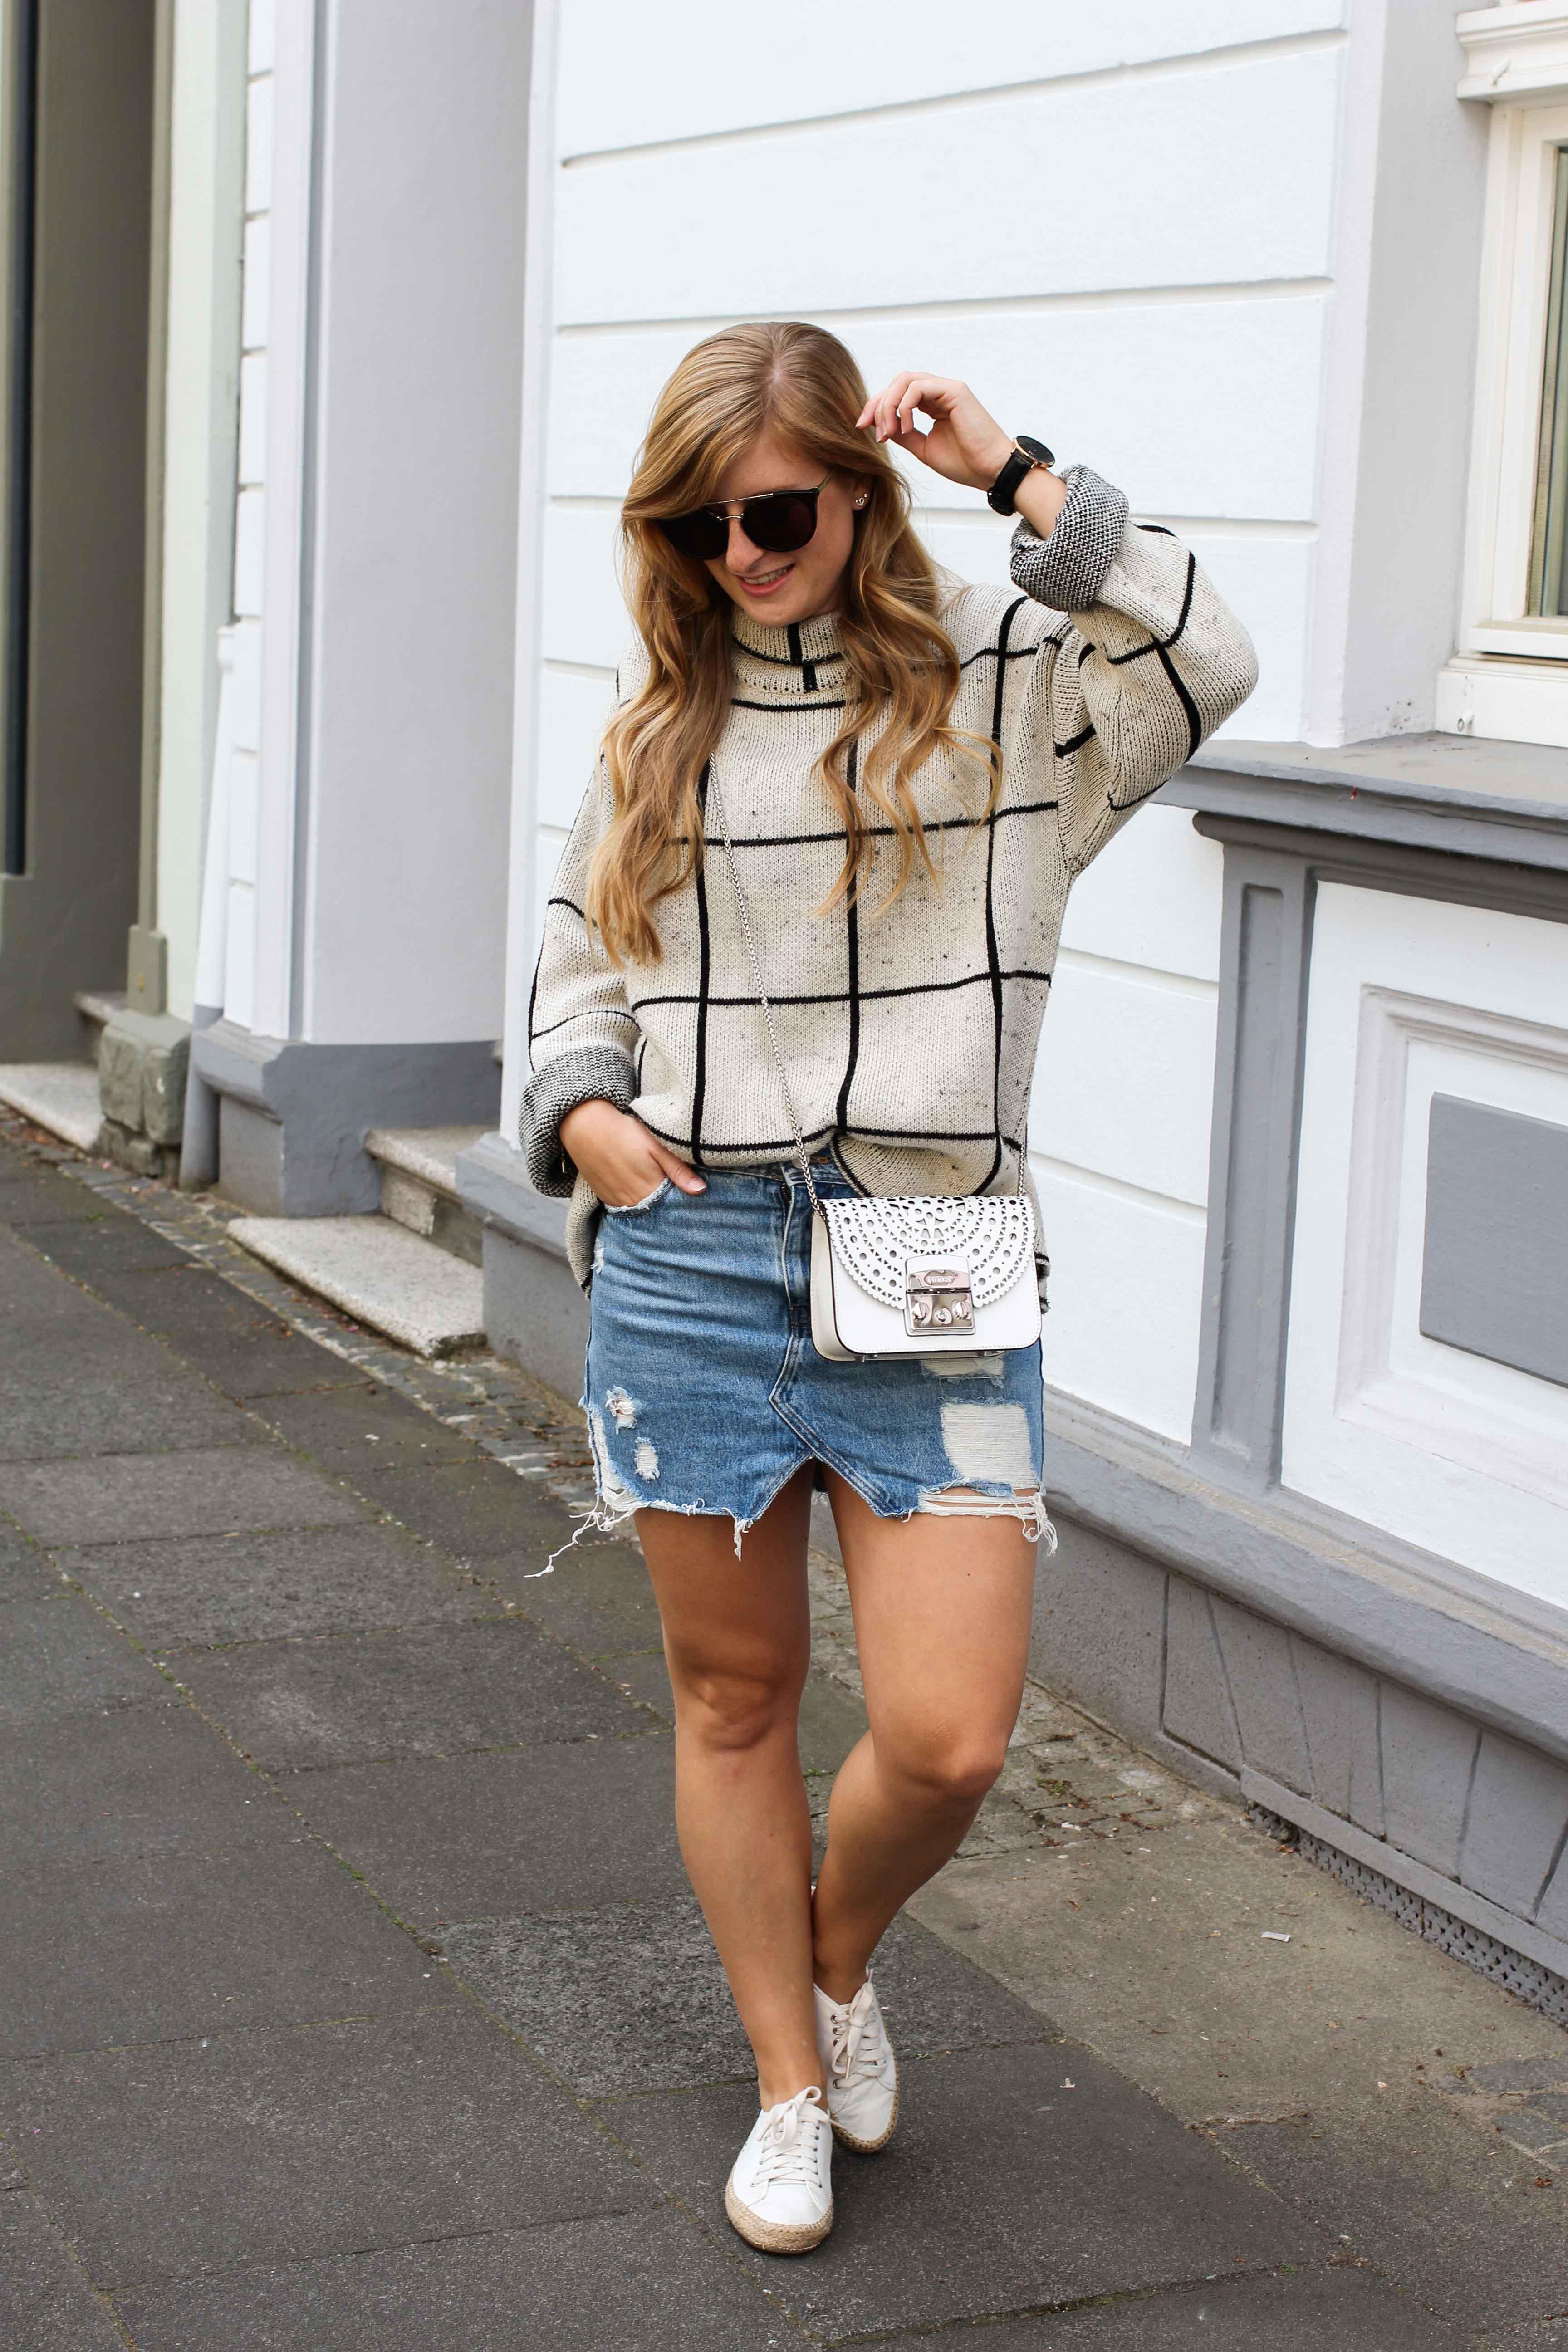 warmer Frühlingslook Rollkragenpullover Jeansrock kombinieren Sommertasche Furla Metropolis weiß Bolero Mini Crossbody Streetstyle Modeblog Bonn Outfit 4